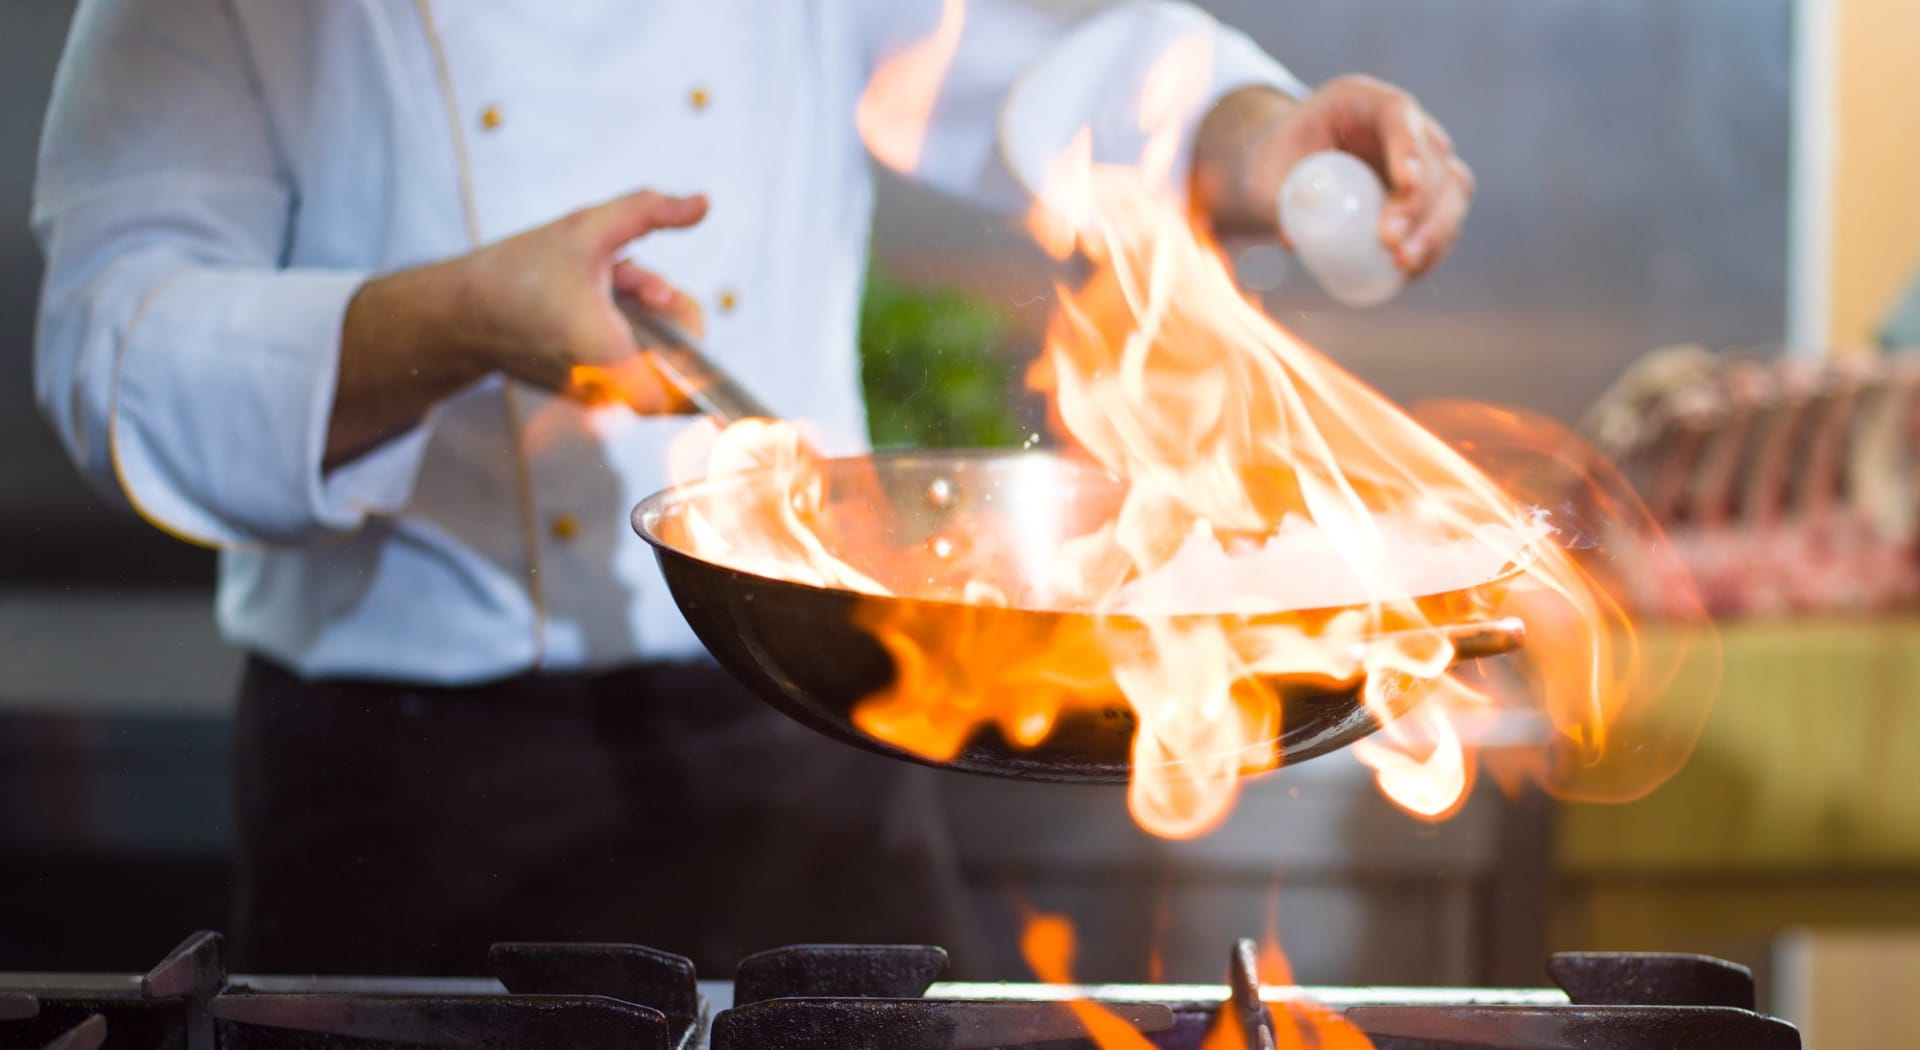 Kokk fikk 1,1 millioner i erstatning etter forhandlinger med Tryg